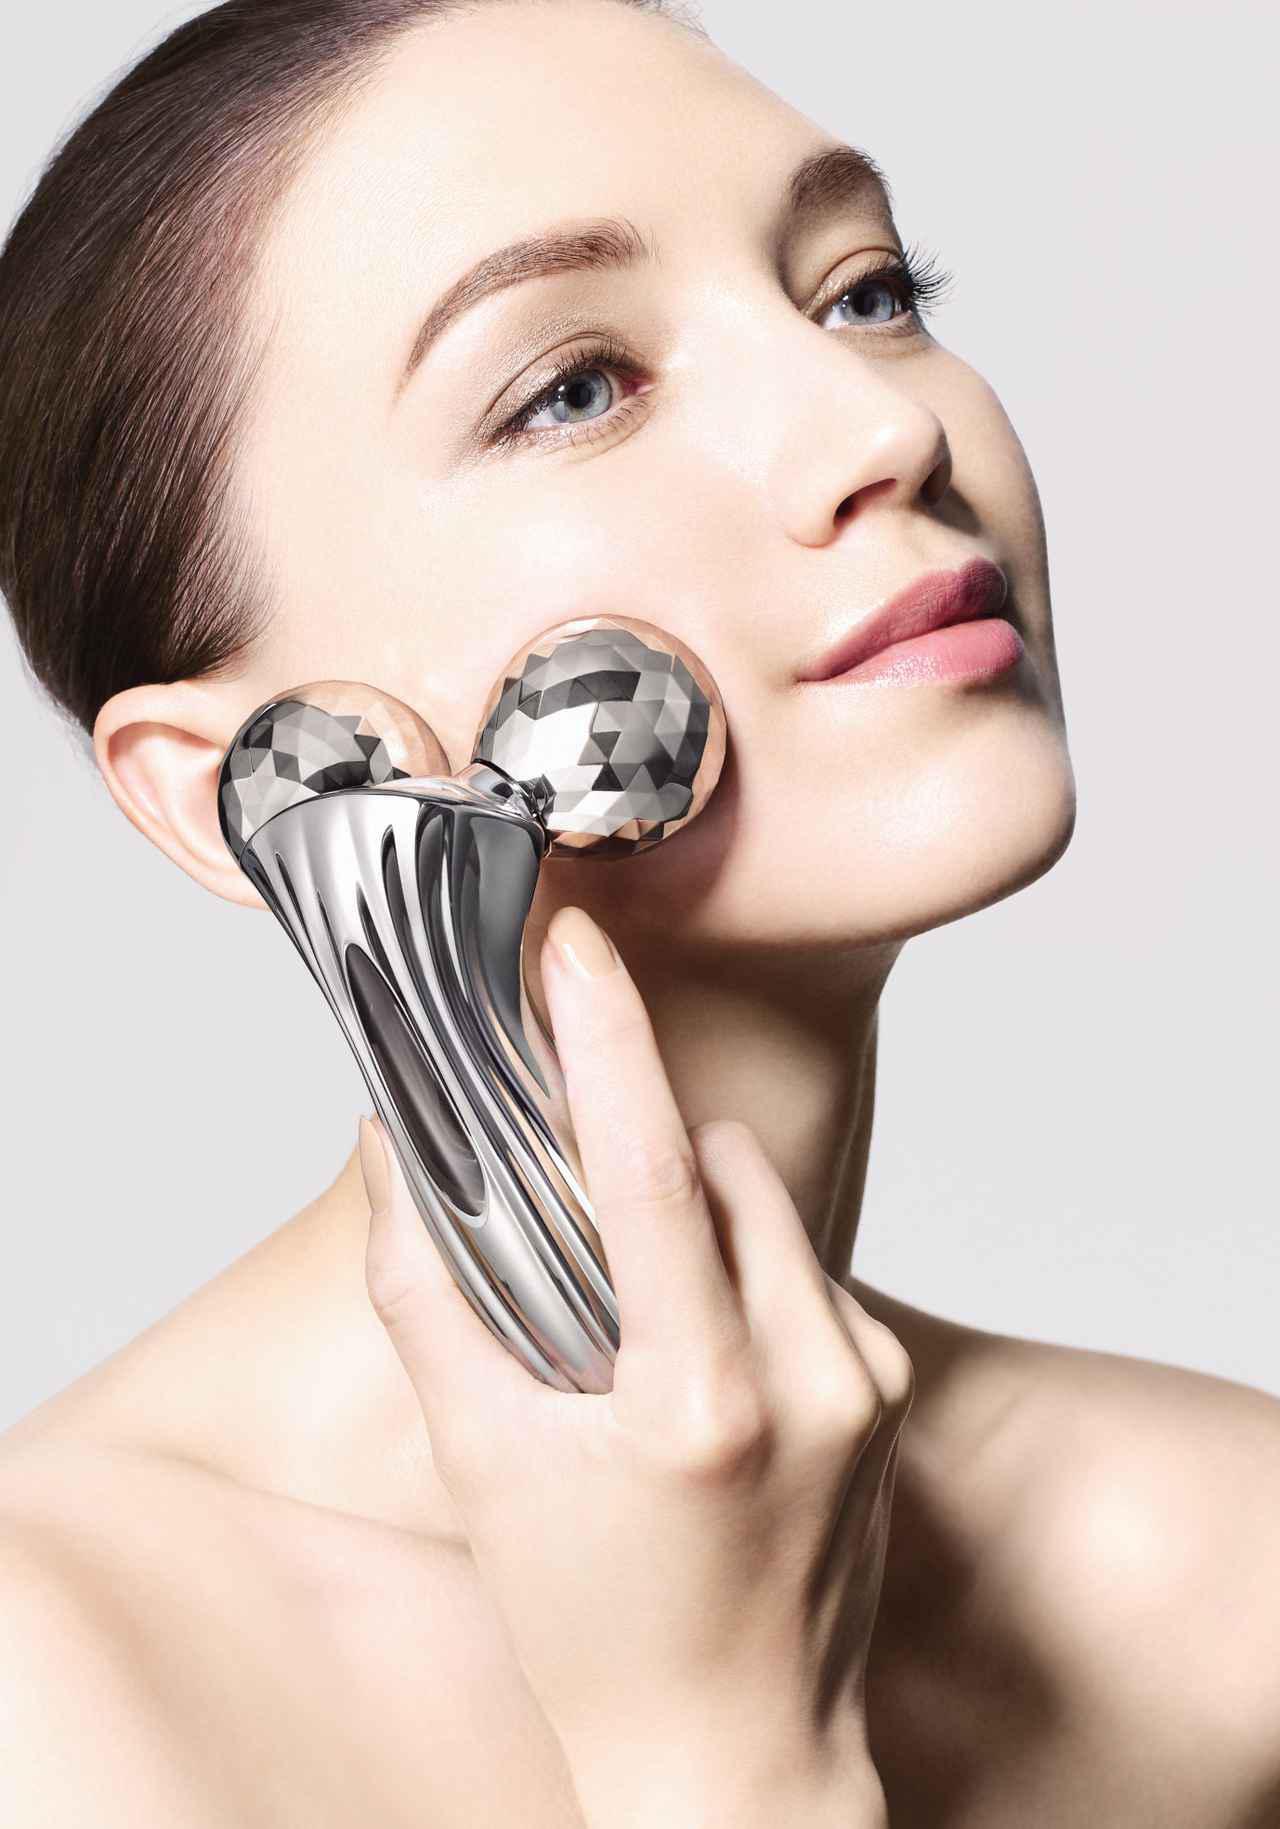 画像2: 美容業界で話題の美顔器たち